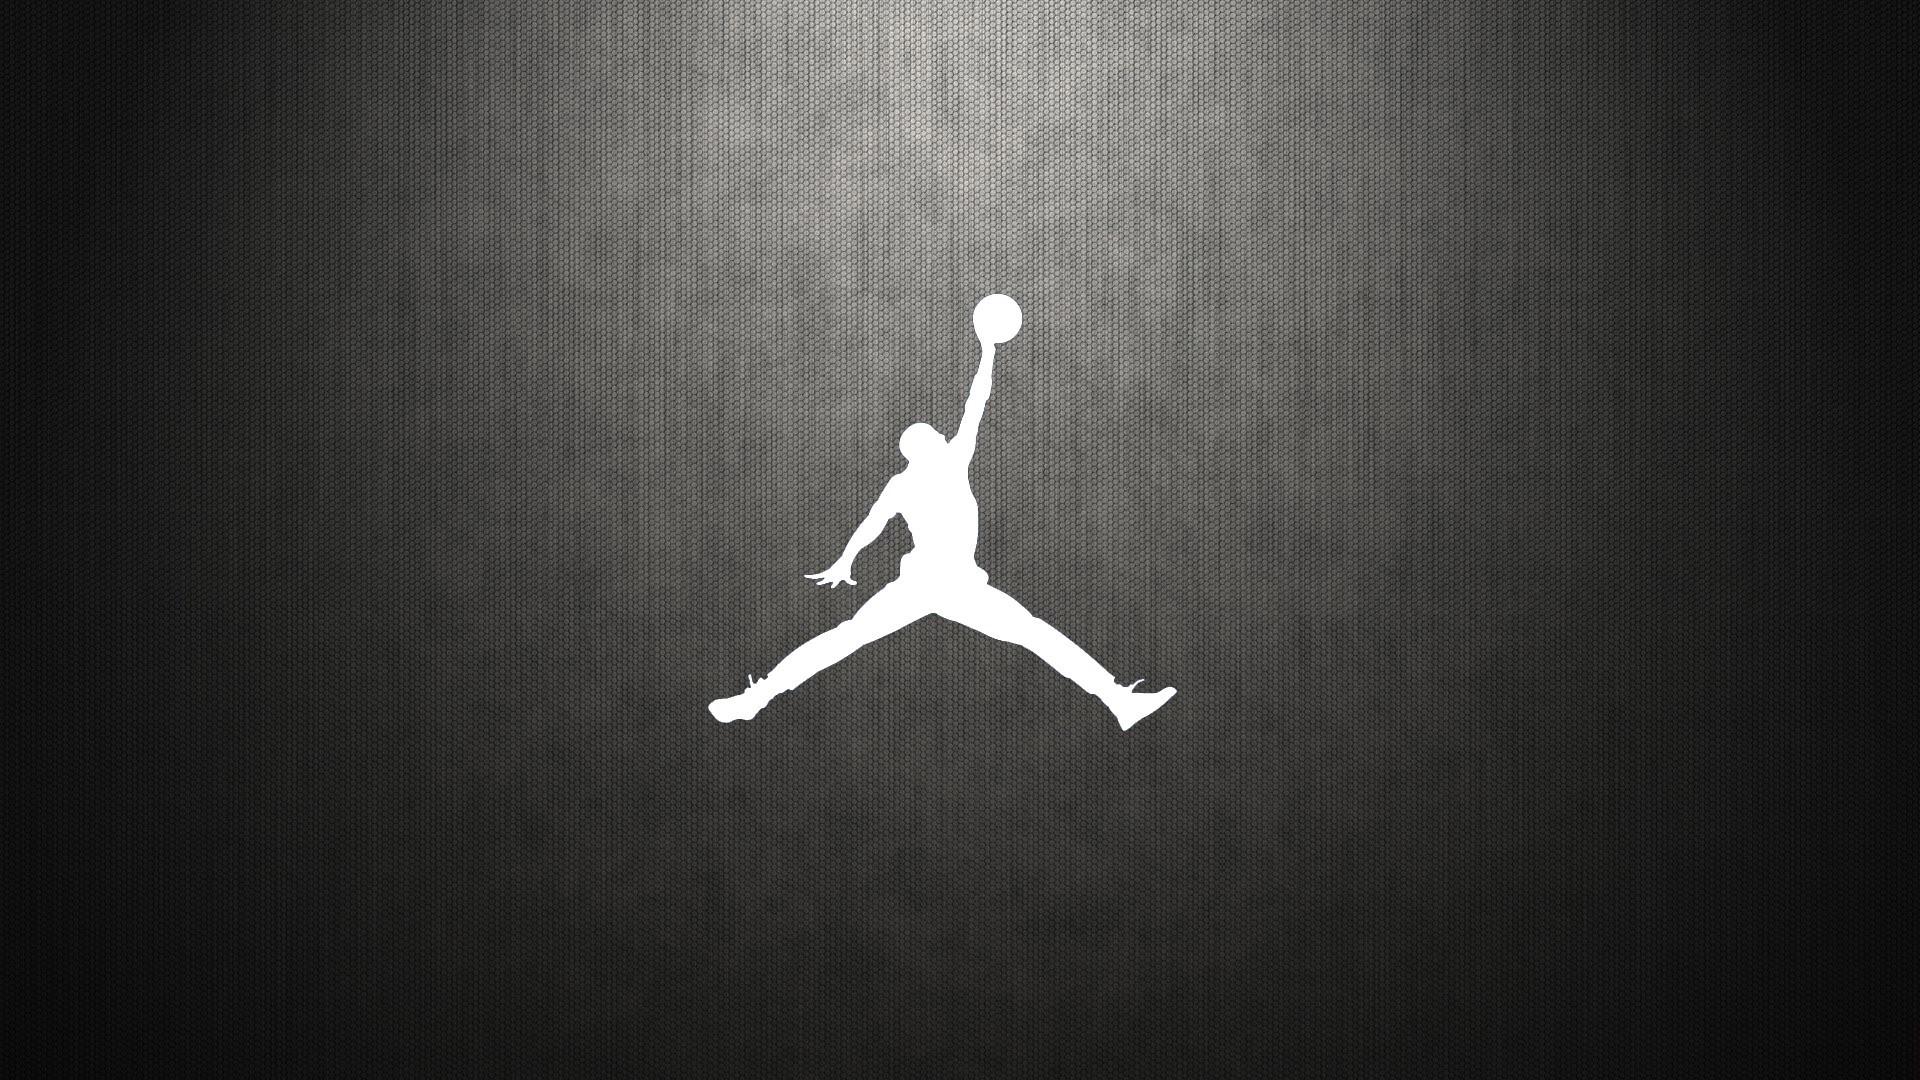 Jordan Jumpman Wallpaper (73+ pictures)